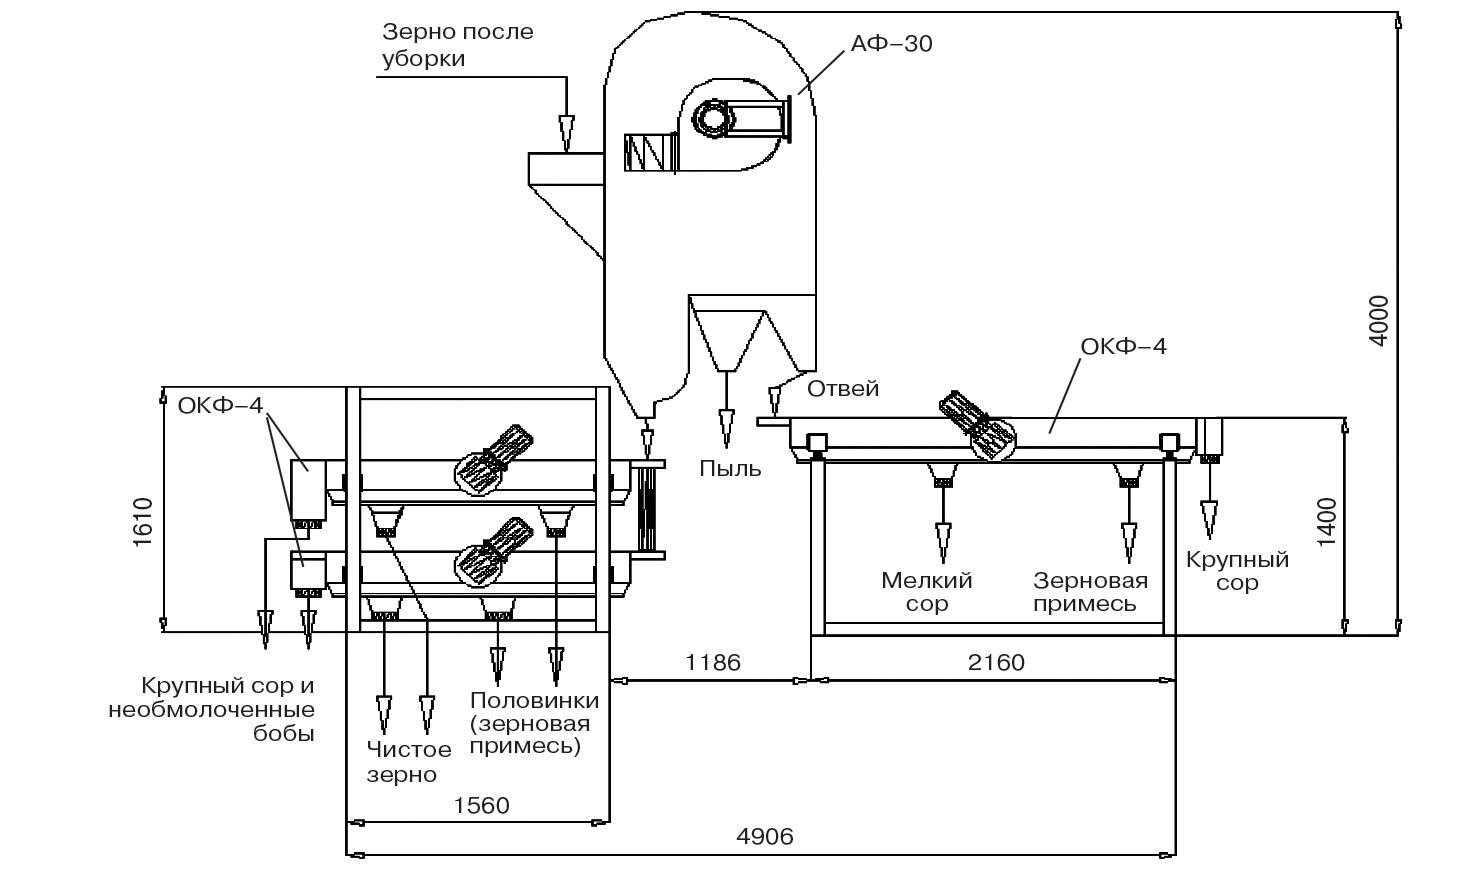 Схема очистки сои перед загрузкой на временное хранение